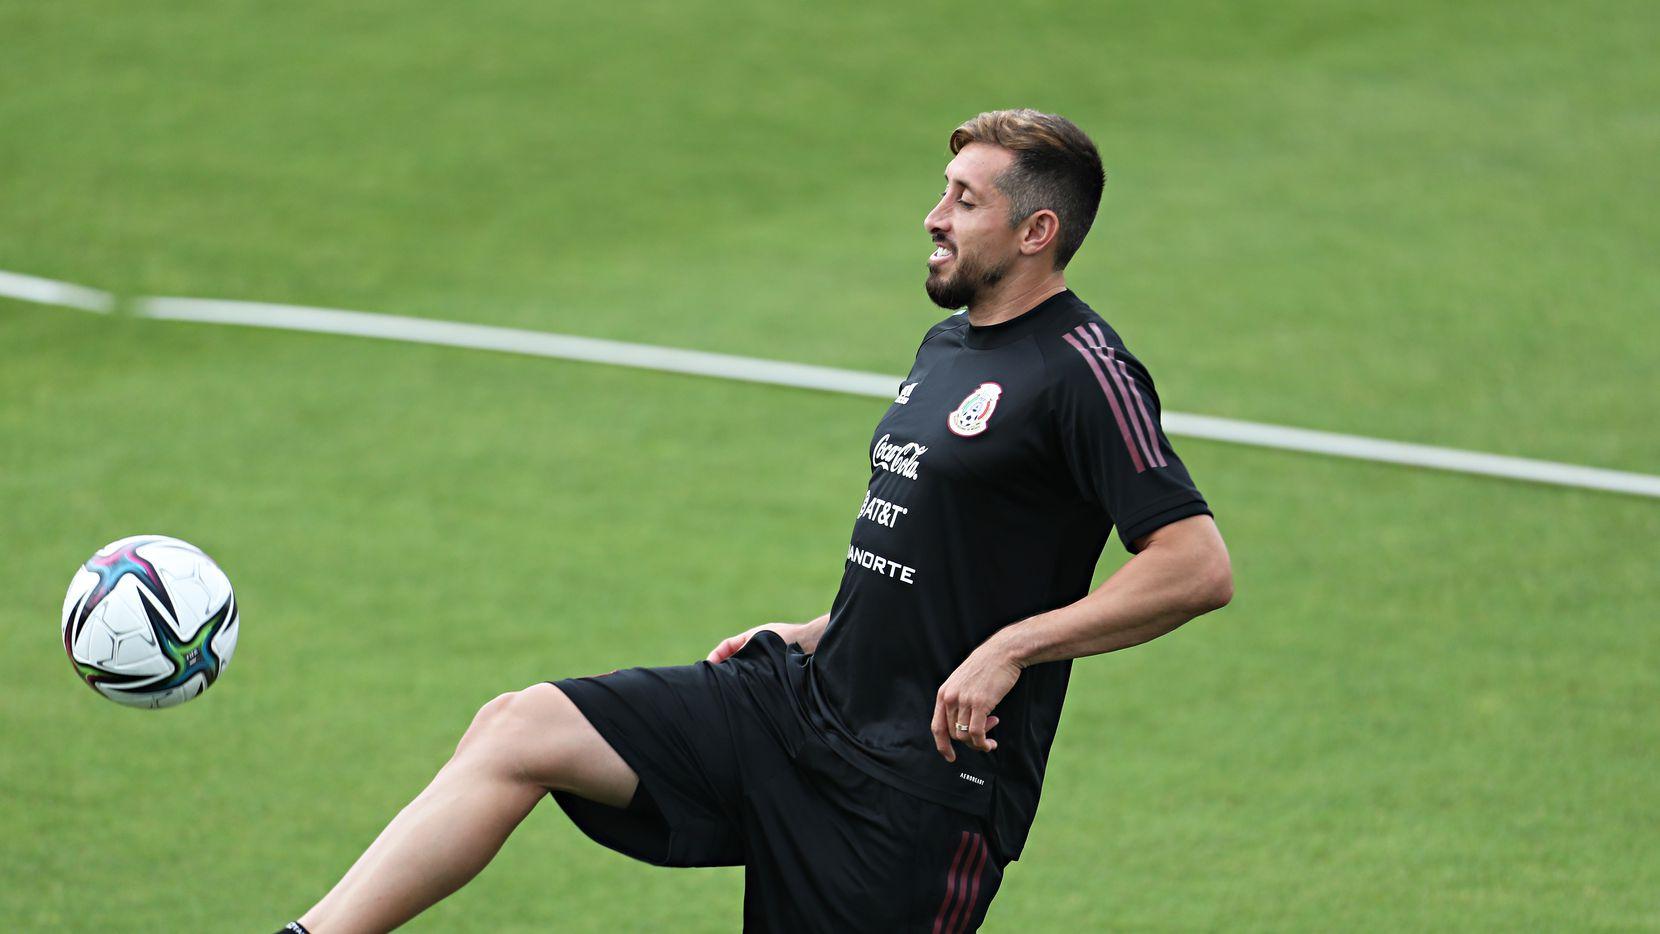 El mediocampista de la selección de México, Héctor Herrera, en una de las prácticas del equipo en Dallas.